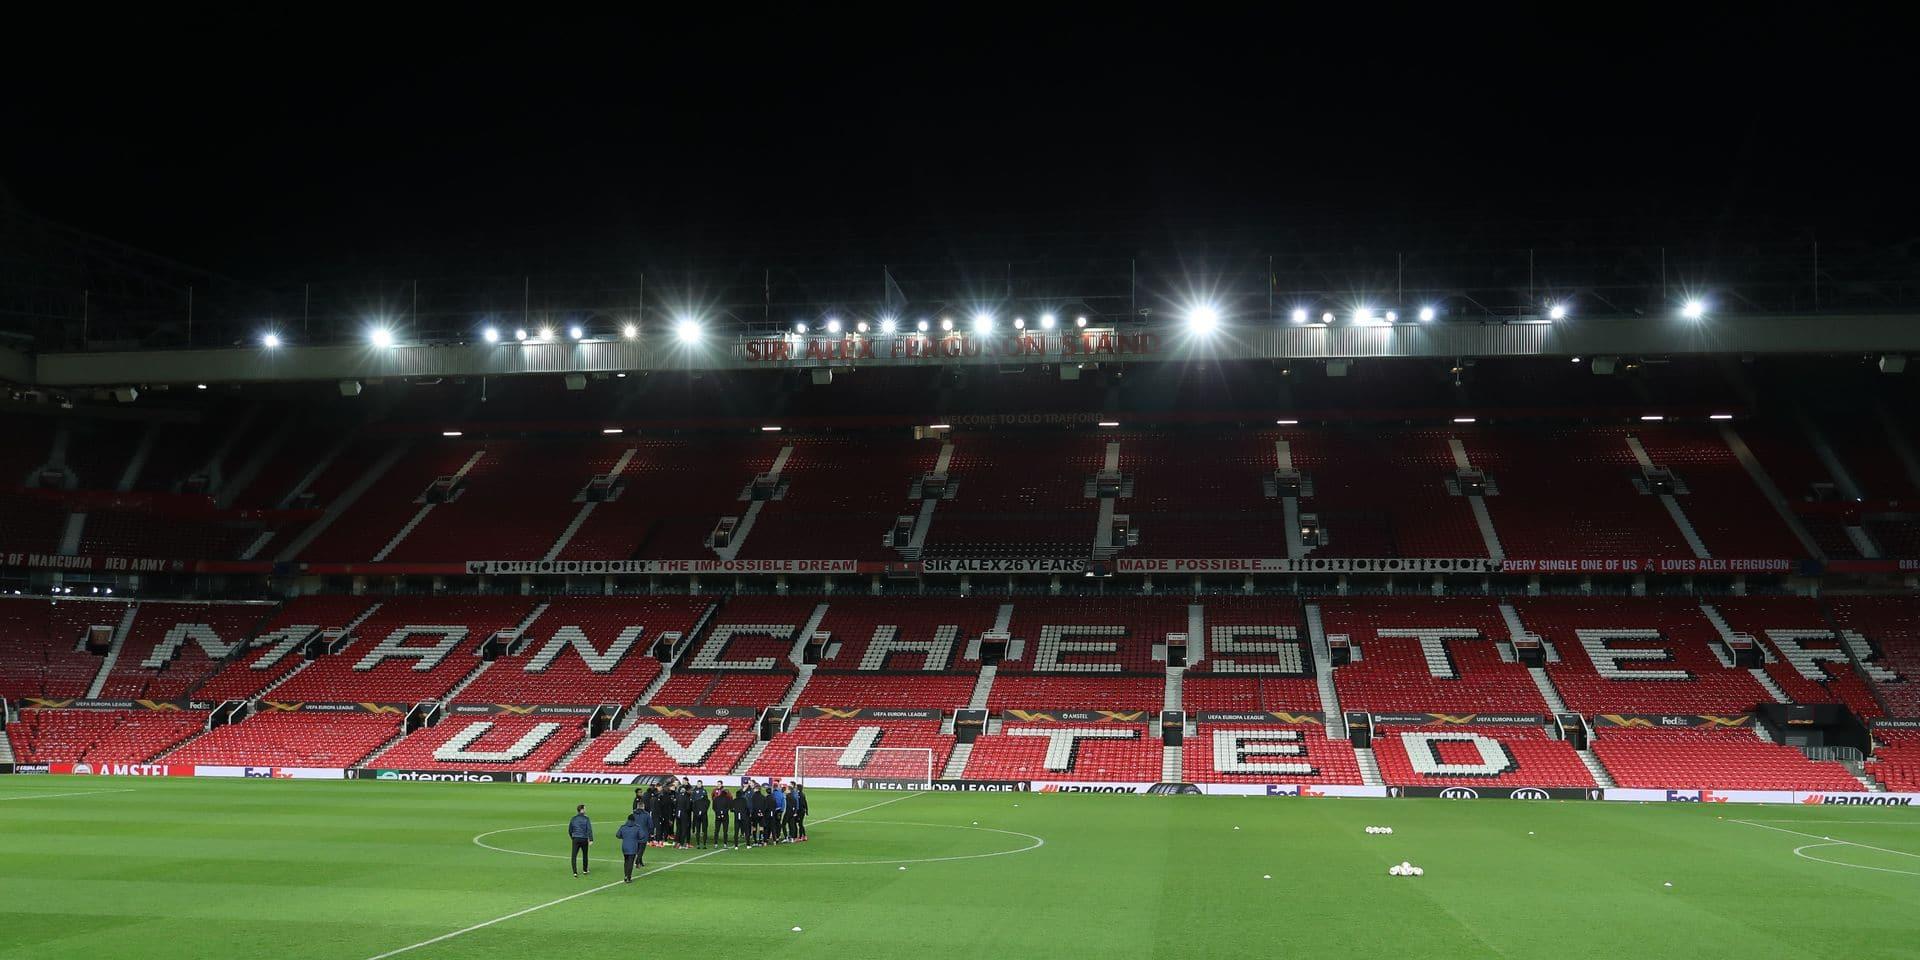 Les finances de Manchester United fortement impactées par la crise de coronavirus